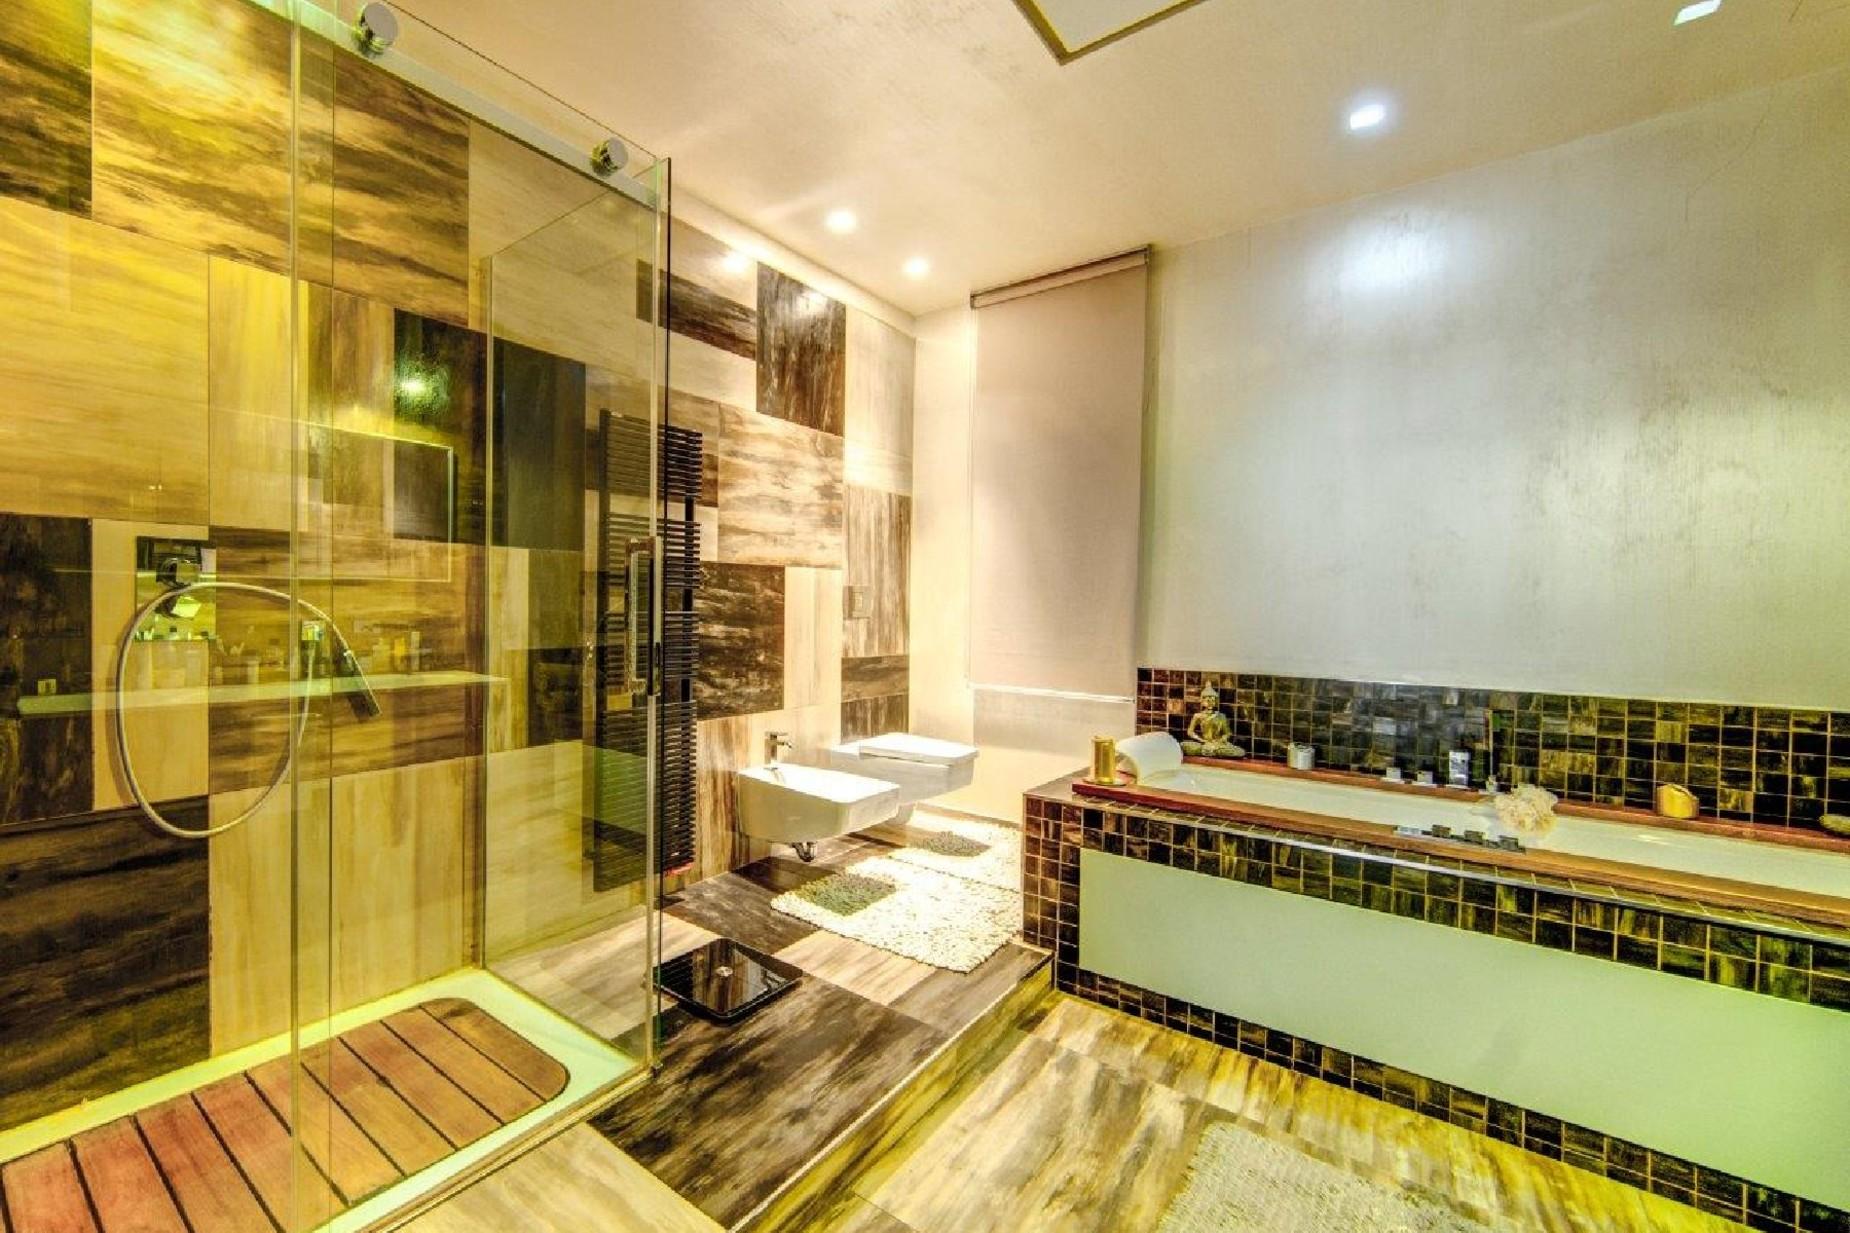 3 bed Apartment For Sale in Ta' Xbiex, Ta' Xbiex - thumb 18